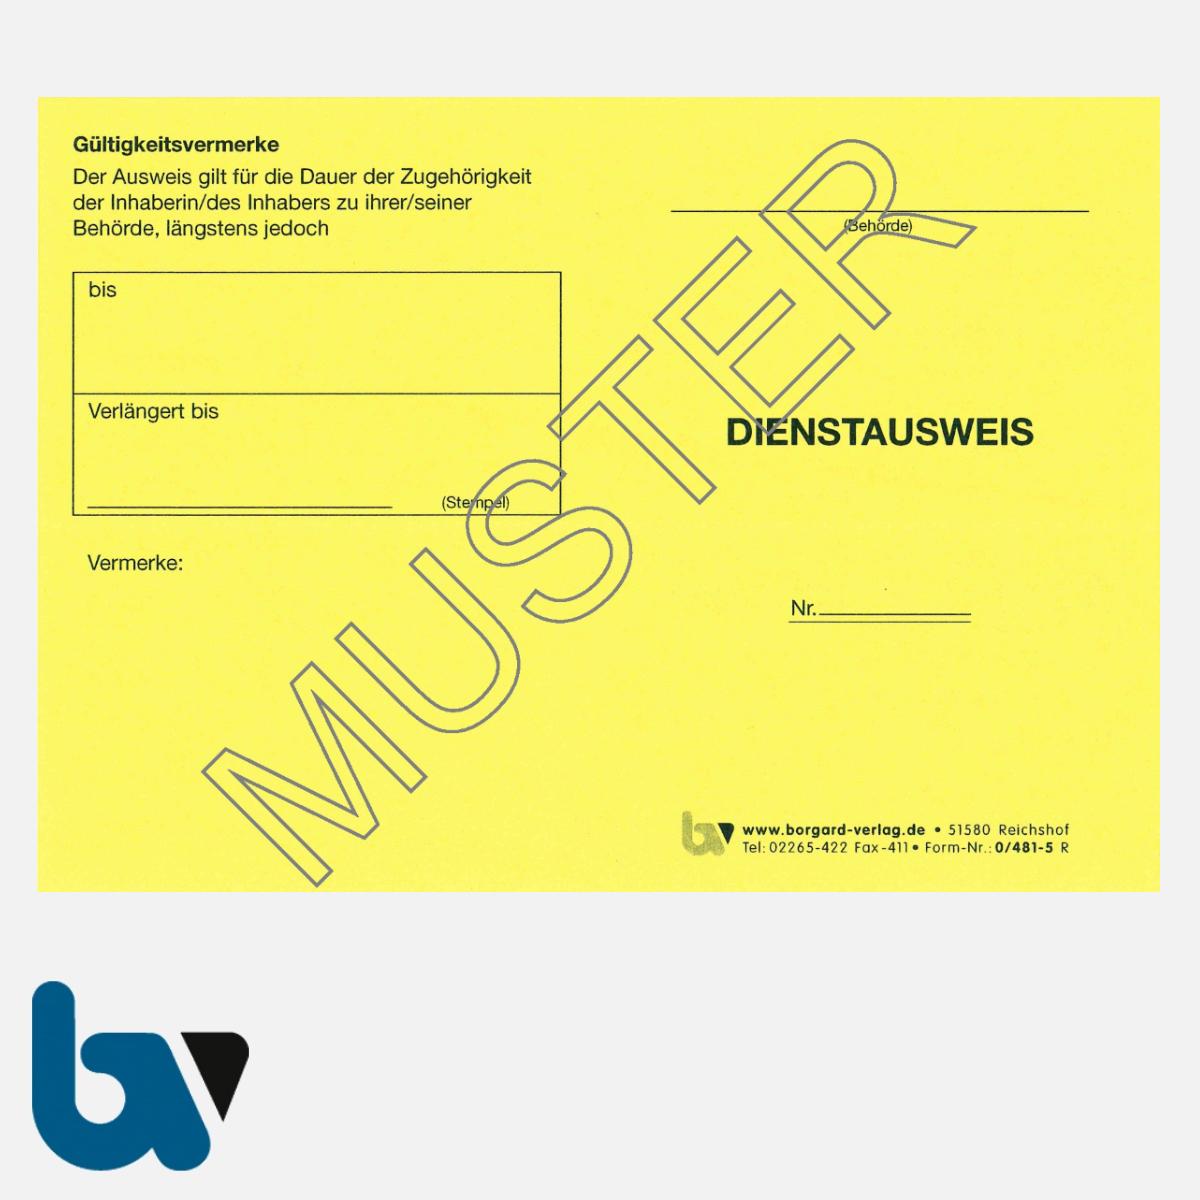 0/481-5 Dienstausweis Allgemein neutral gelb Neobond DIN A6-A7 VS | Borgard Verlag GmbH